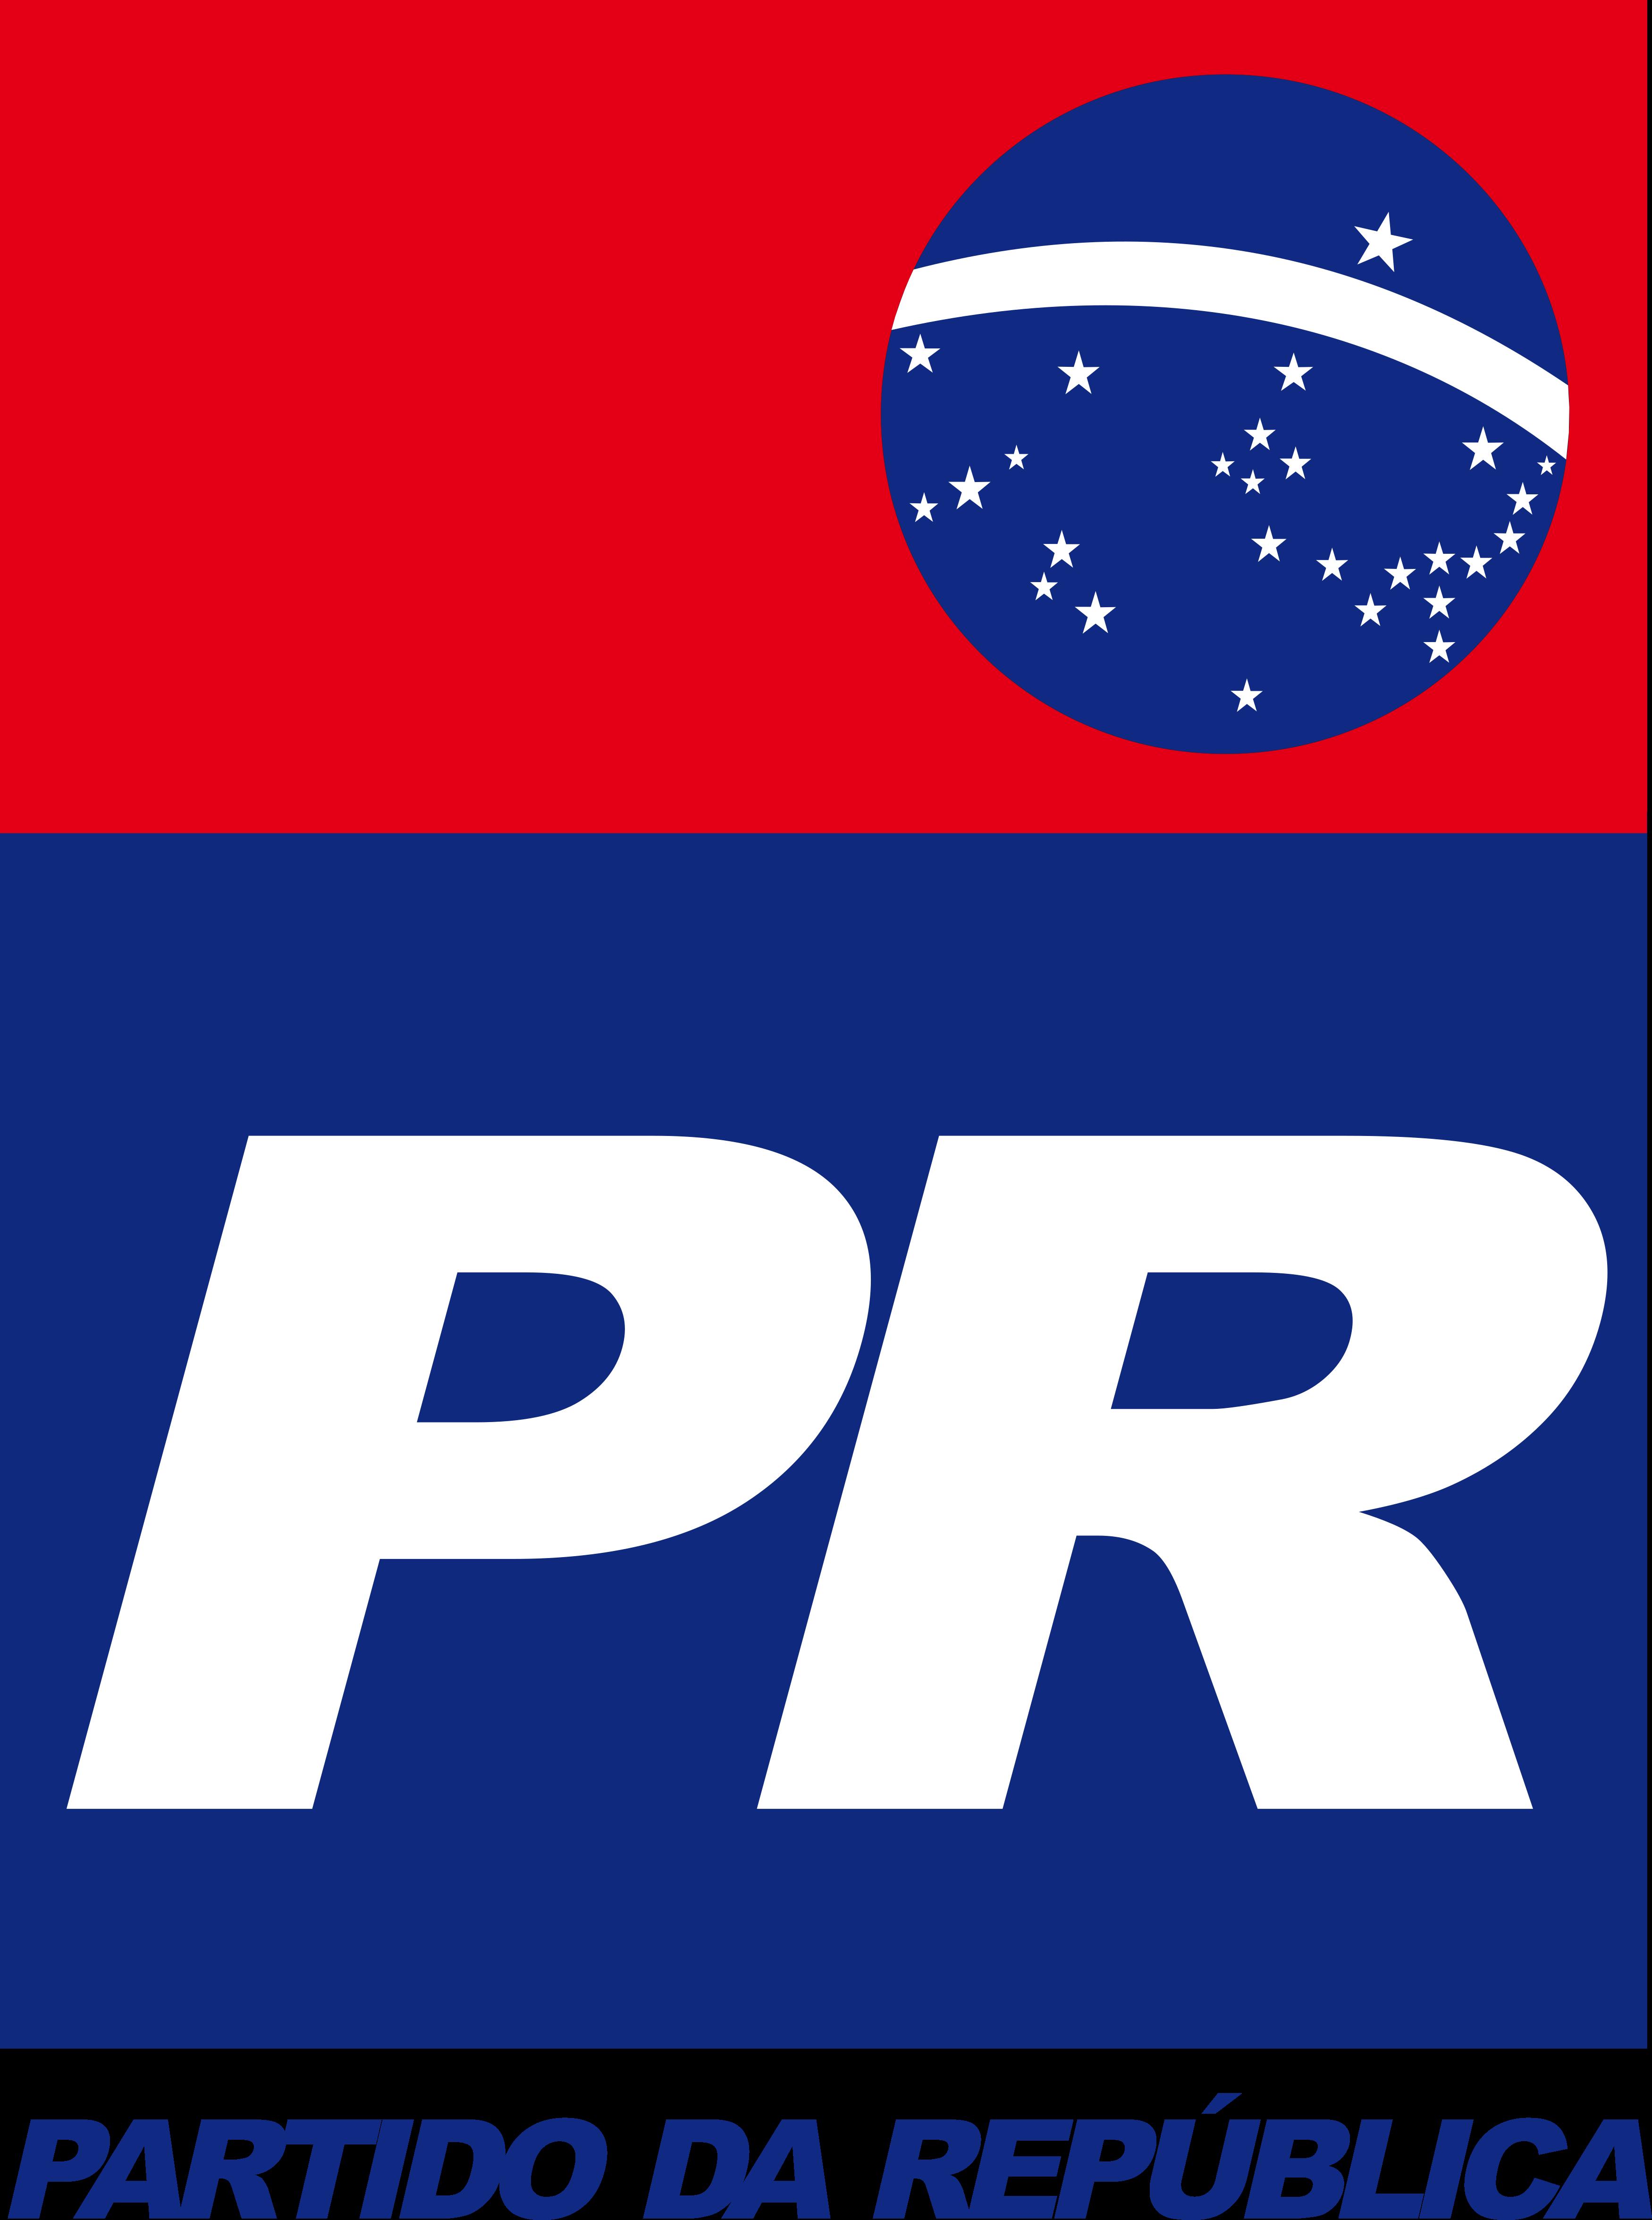 PR Logo - Partido da República Logo.